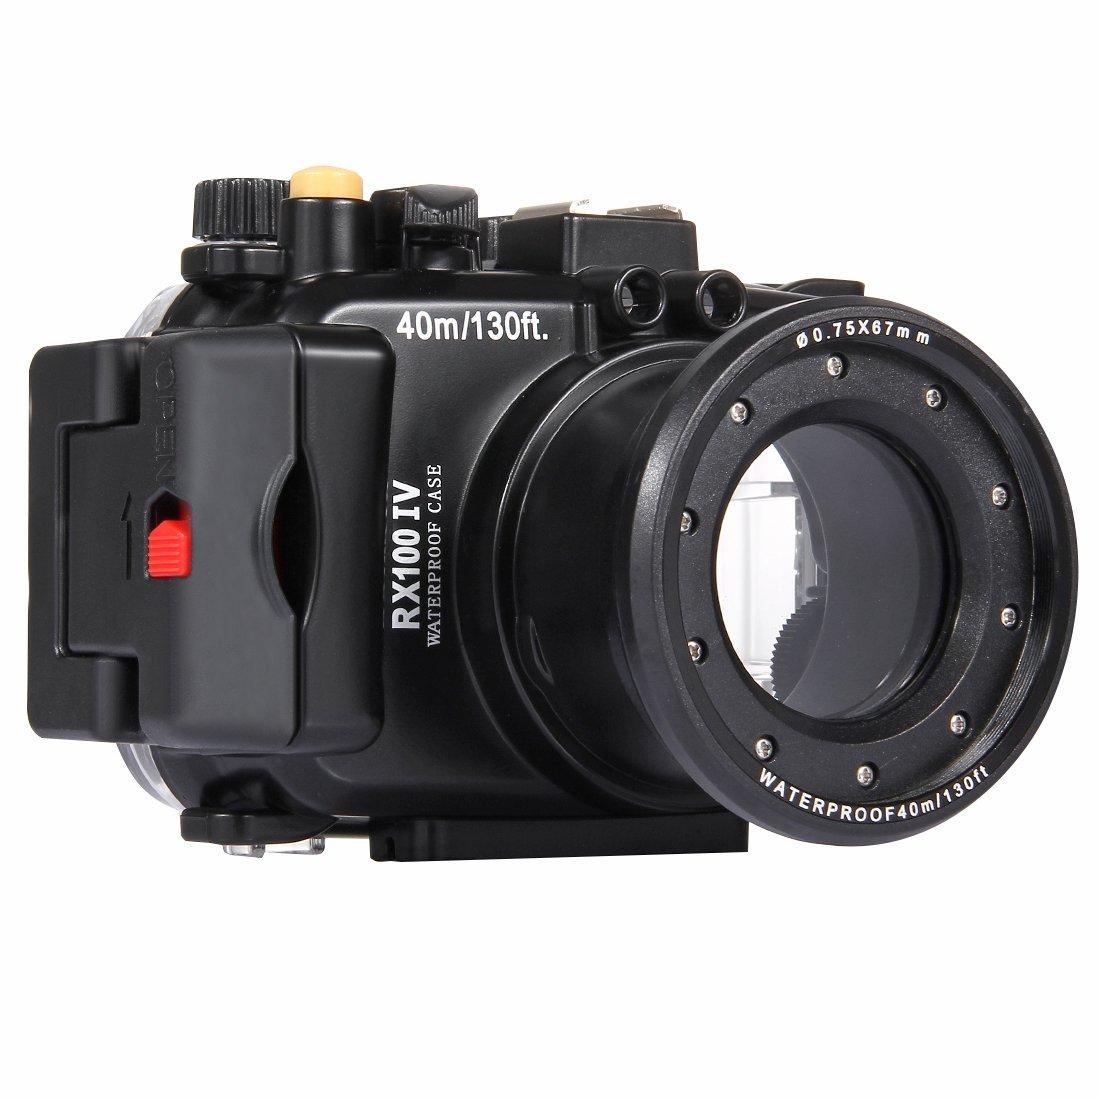 水中深度ダイビングケース PULUZ 40m水中深さダイビングケース防水カメラハウジングSony RX100 IV(ブラック)   B07RKFTWQJ